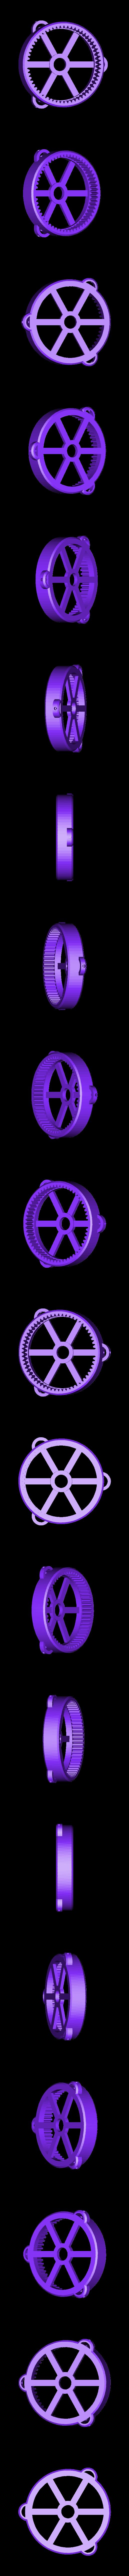 gearKr_60.stl Télécharger fichier STL gratuit Filière électrifiée. • Modèle à imprimer en 3D, SiberK